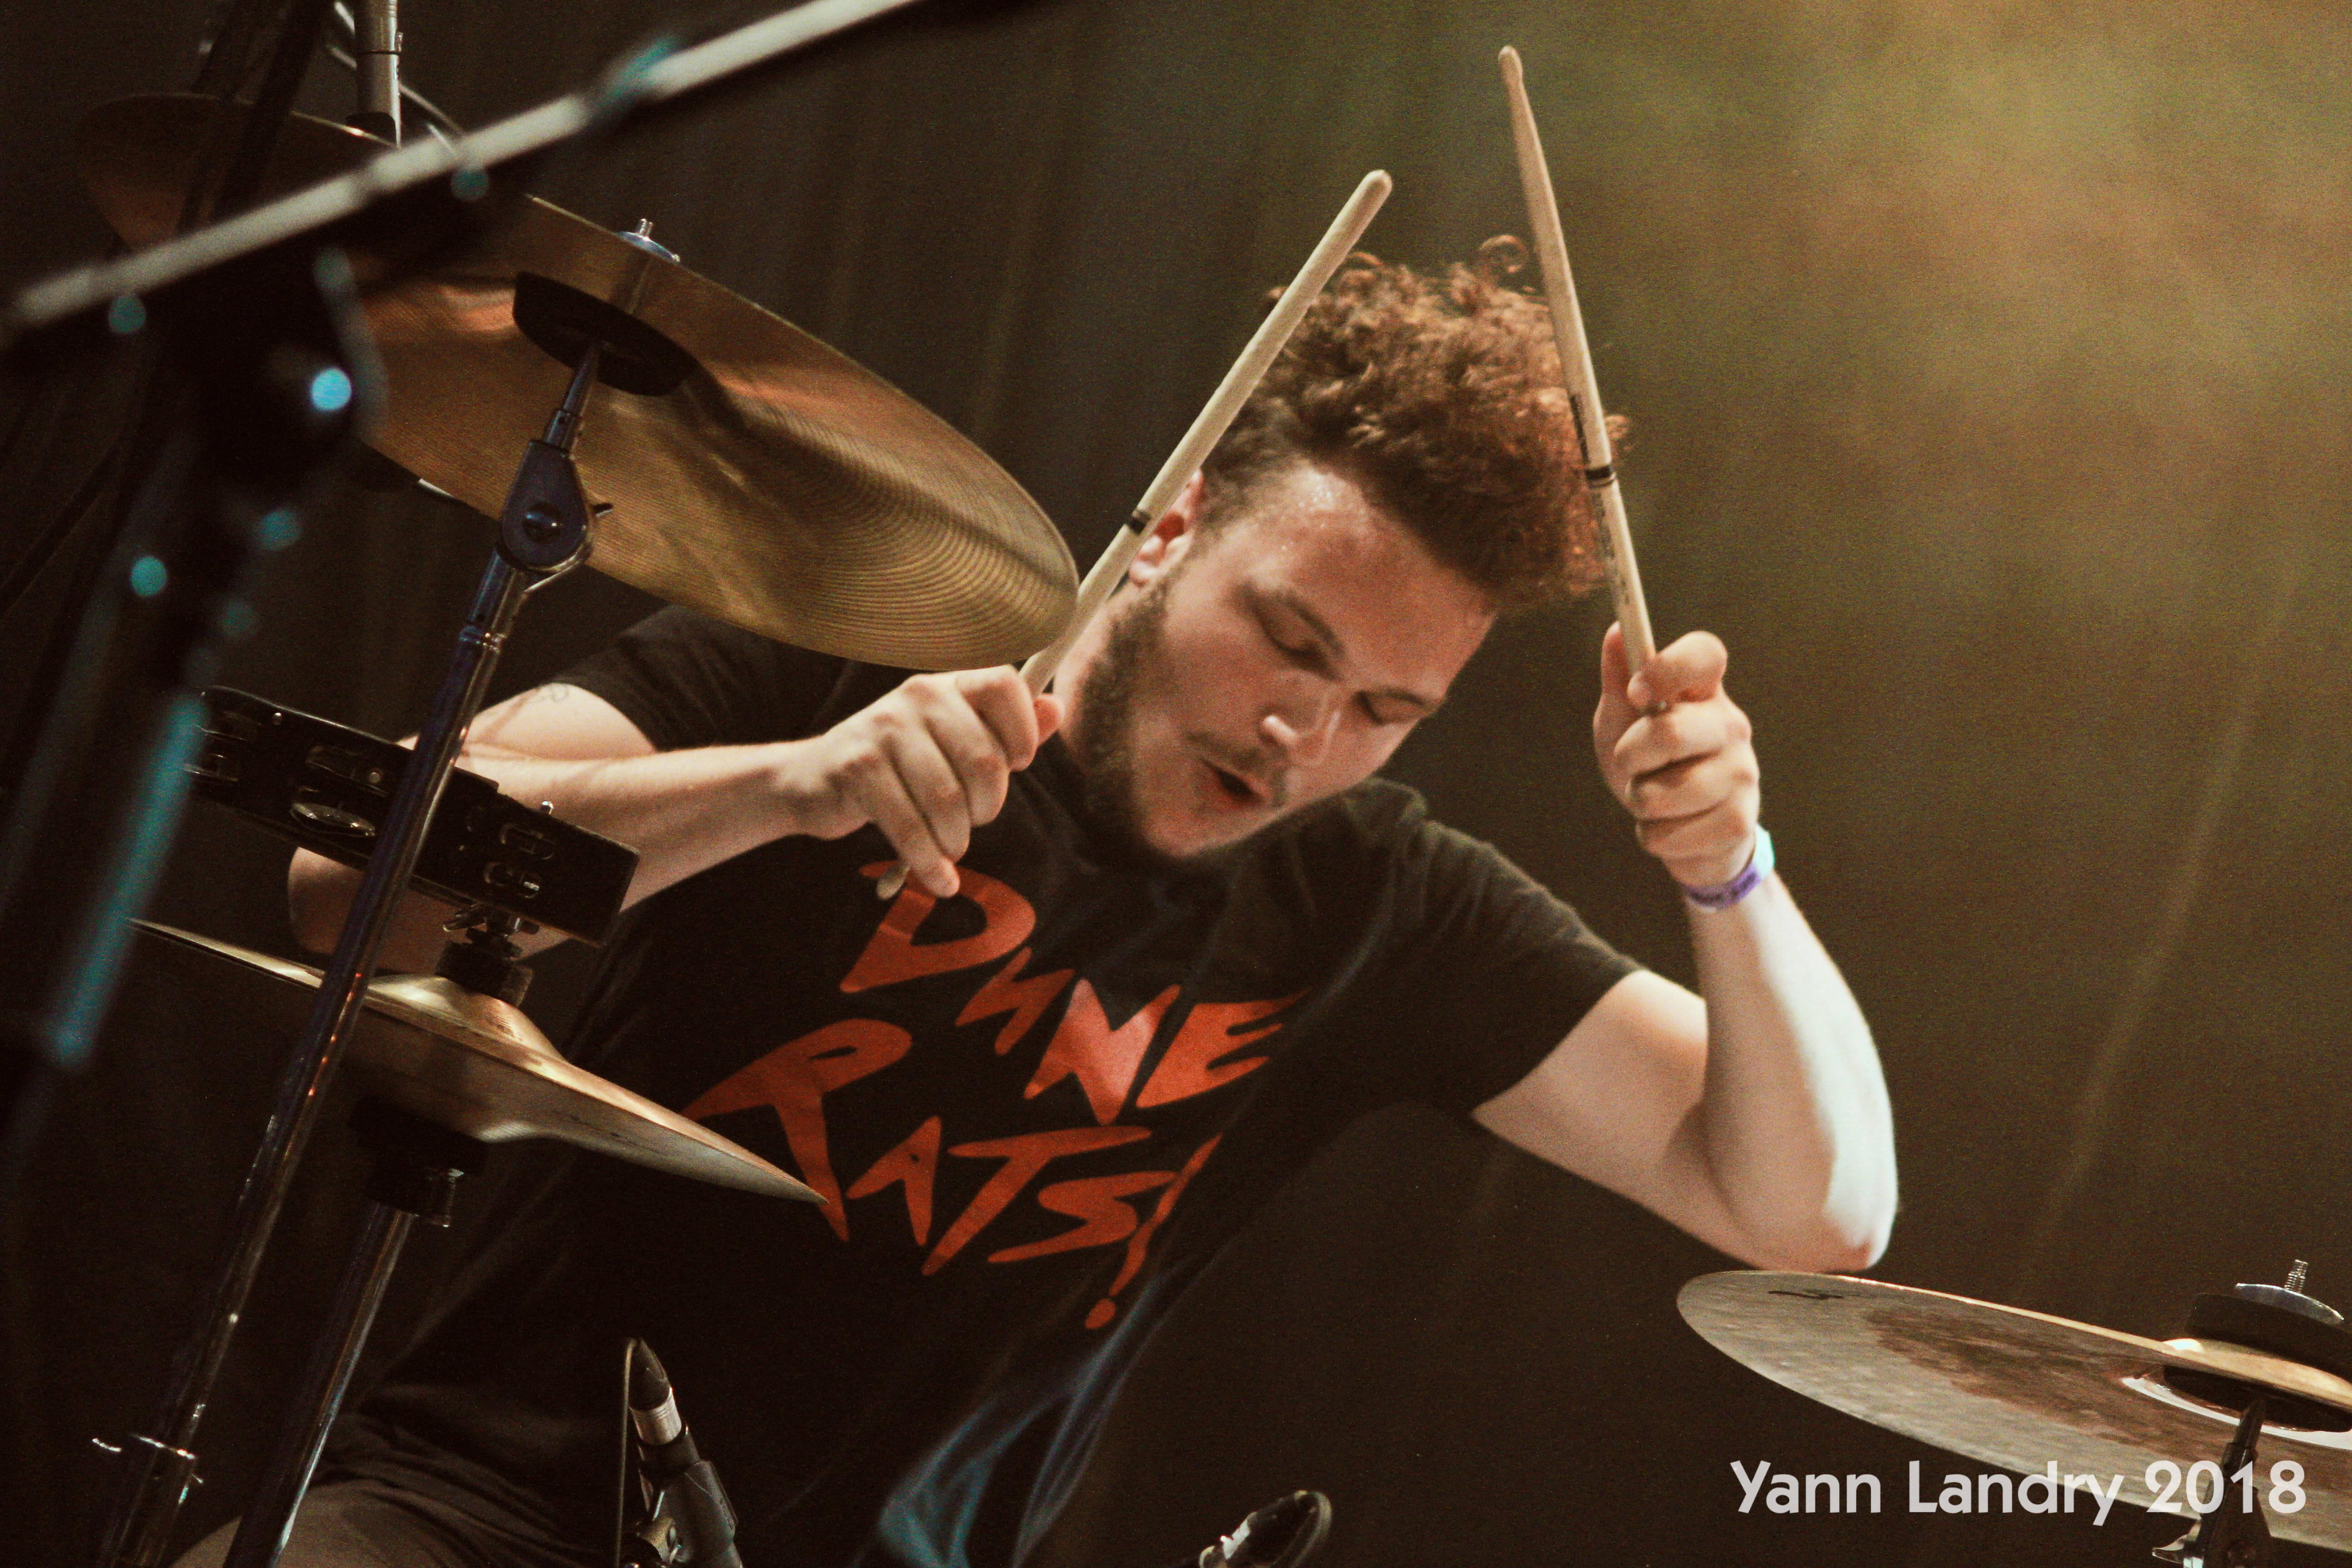 #violence, #pasviolence, Faut pas chanter Corentin, Liam Gallagher, Yann Landry, Meg White